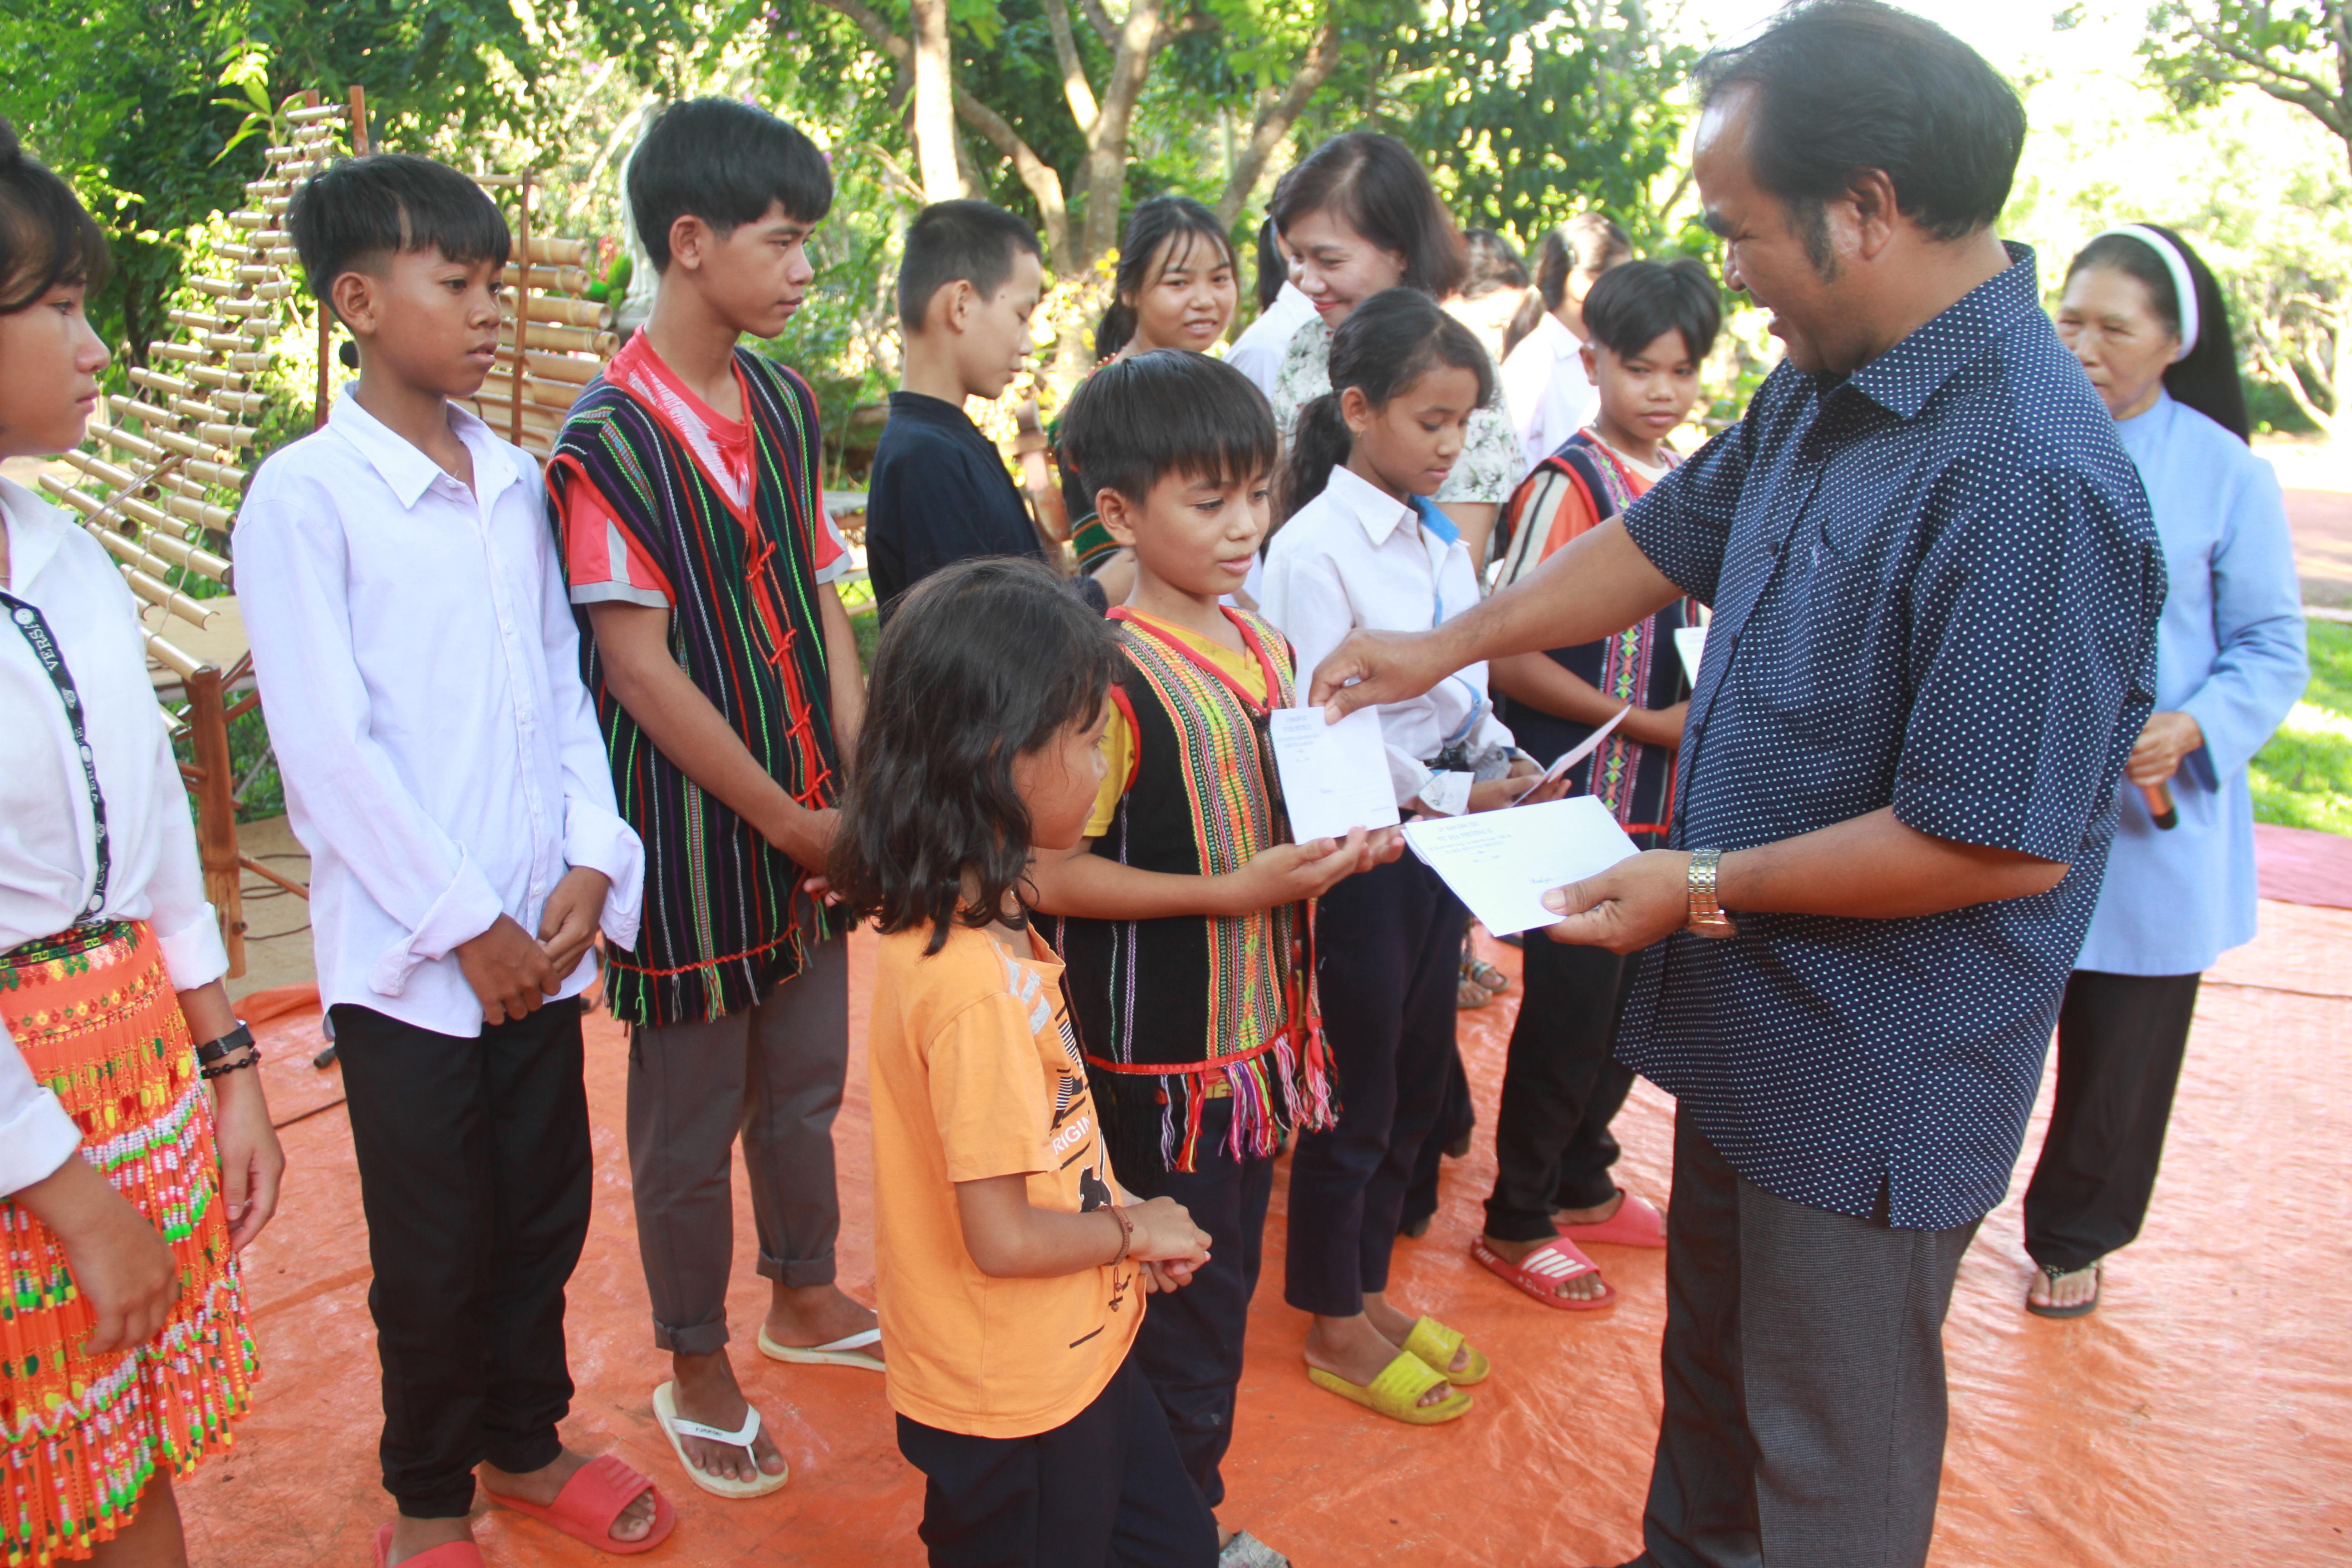 Ông Điểu Mưu, Phó Vụ trưởng Vụ Địa Phương II trao quà cho các em học sinh